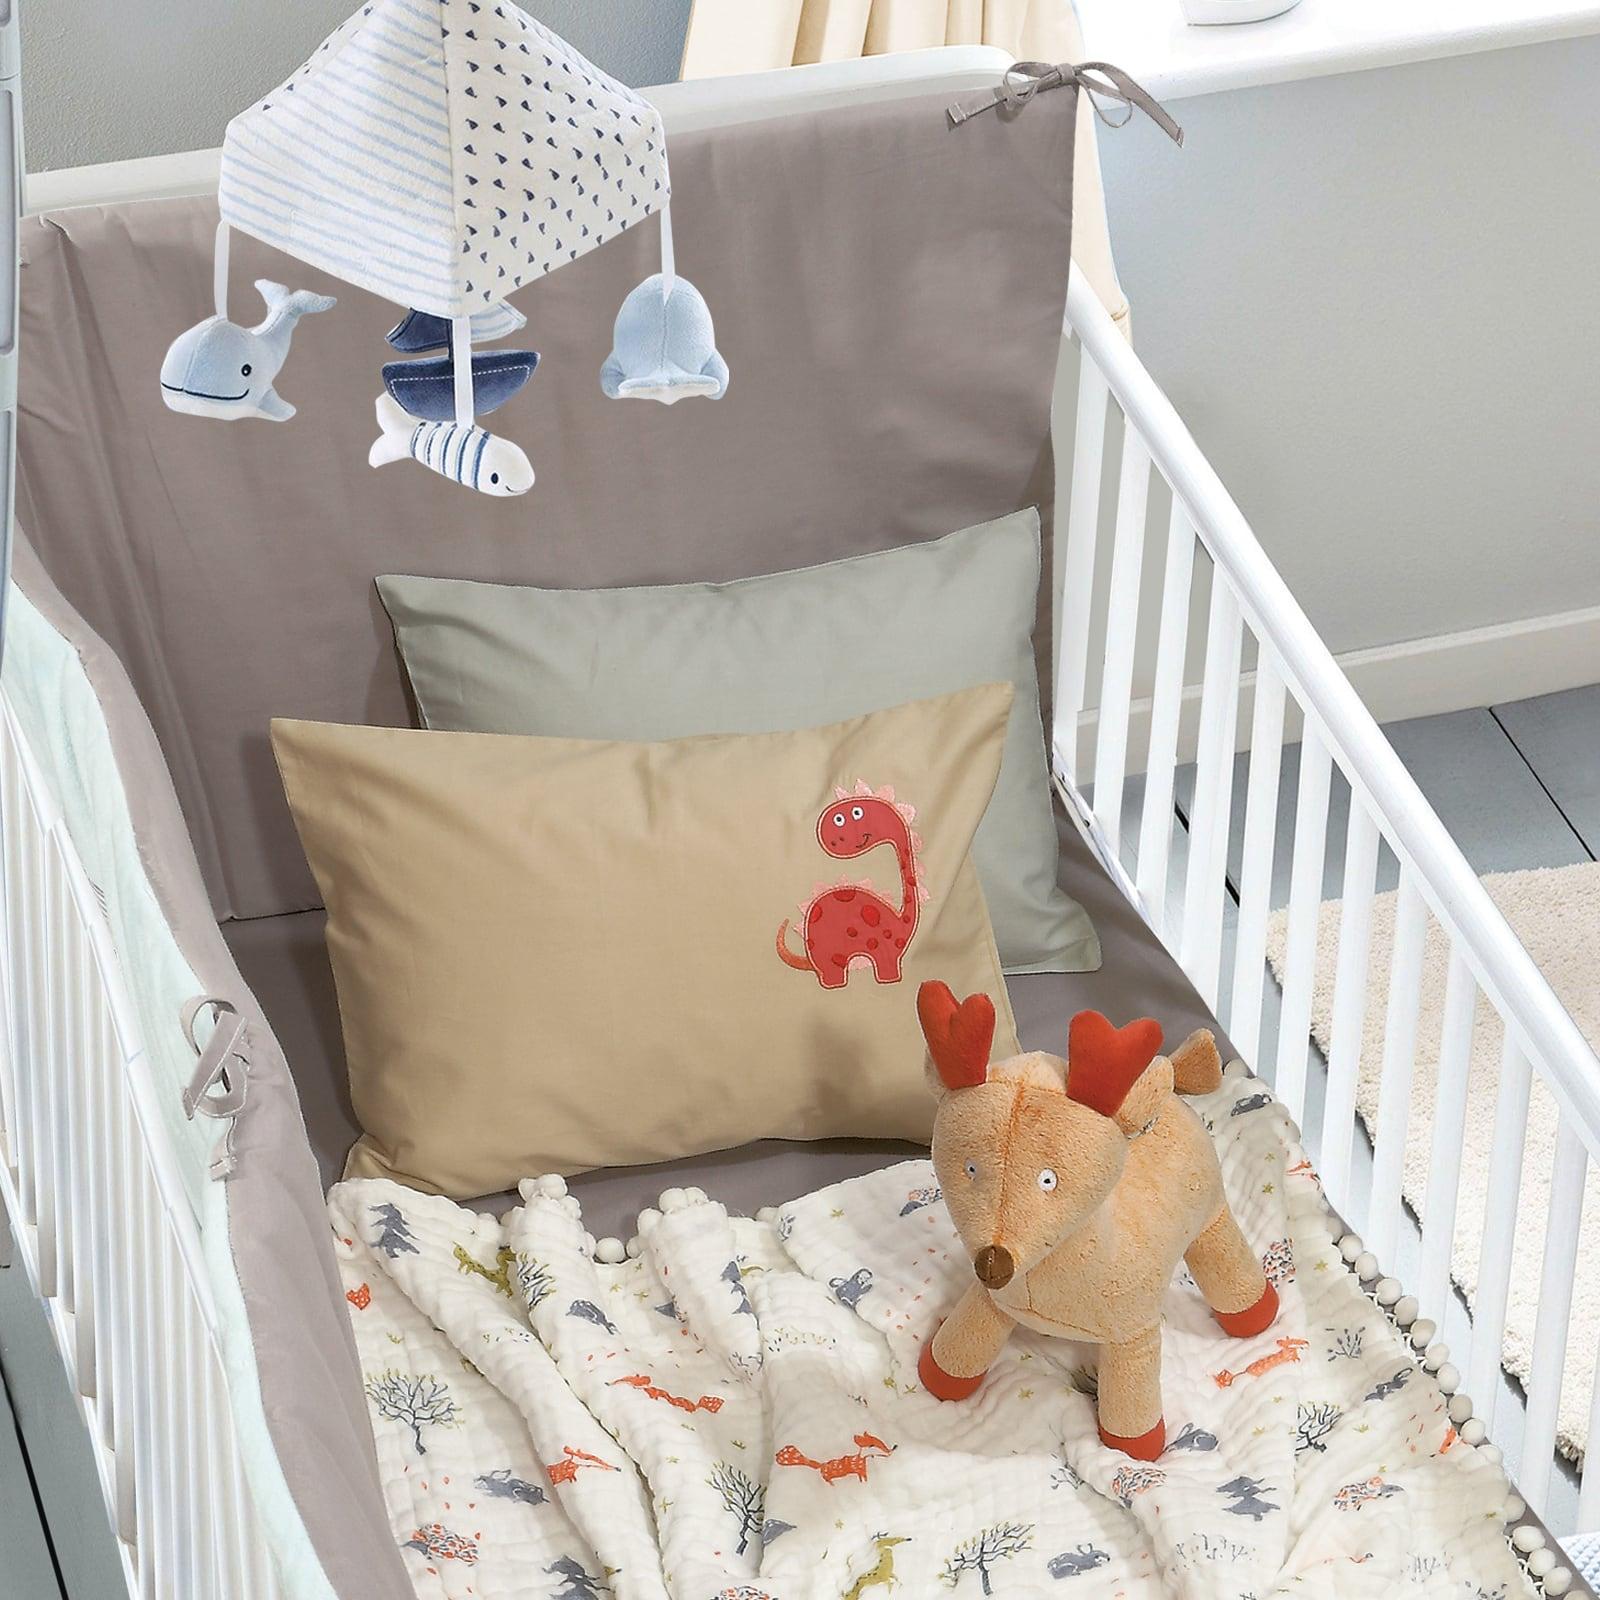 Κουβέρτα Βρεφική Μουσελίνα 6589 Relax Multi Das Baby Κούνιας 110x140cm